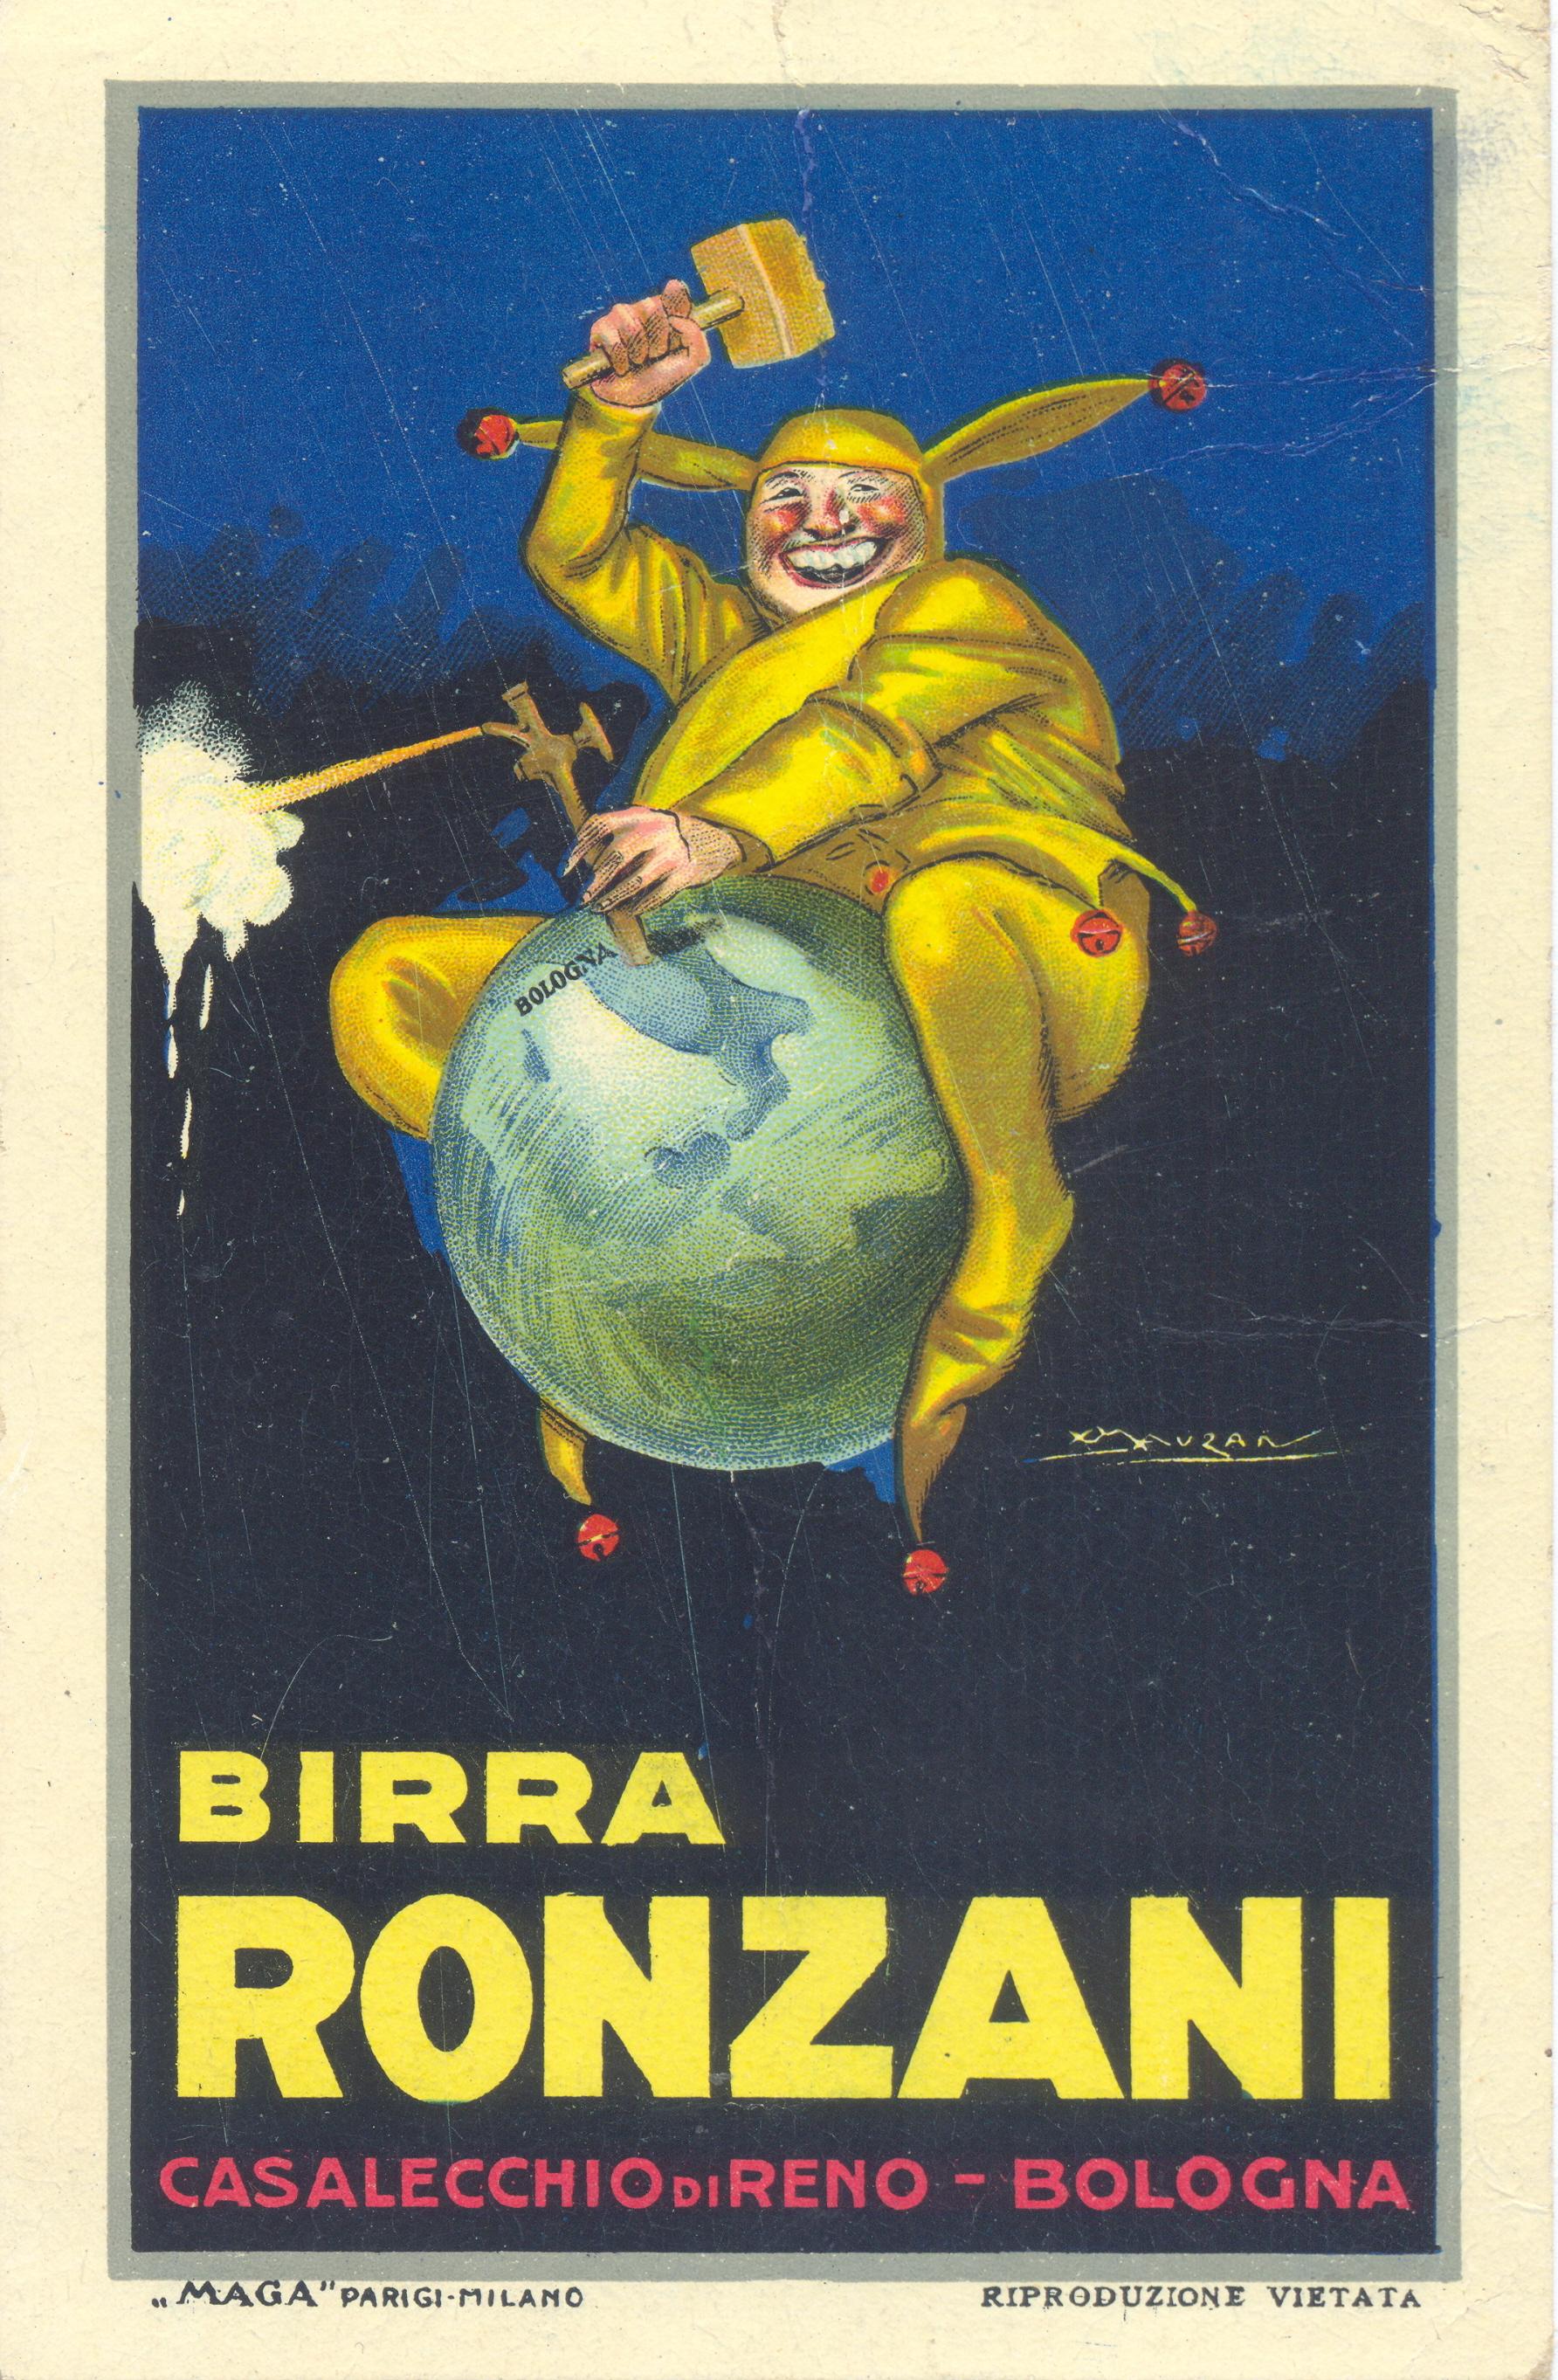 Cartolina pubblicitaria degli anni '20 della Birra Ronzani illustrata da L.A.Mauzan (Collezione M. Neri)